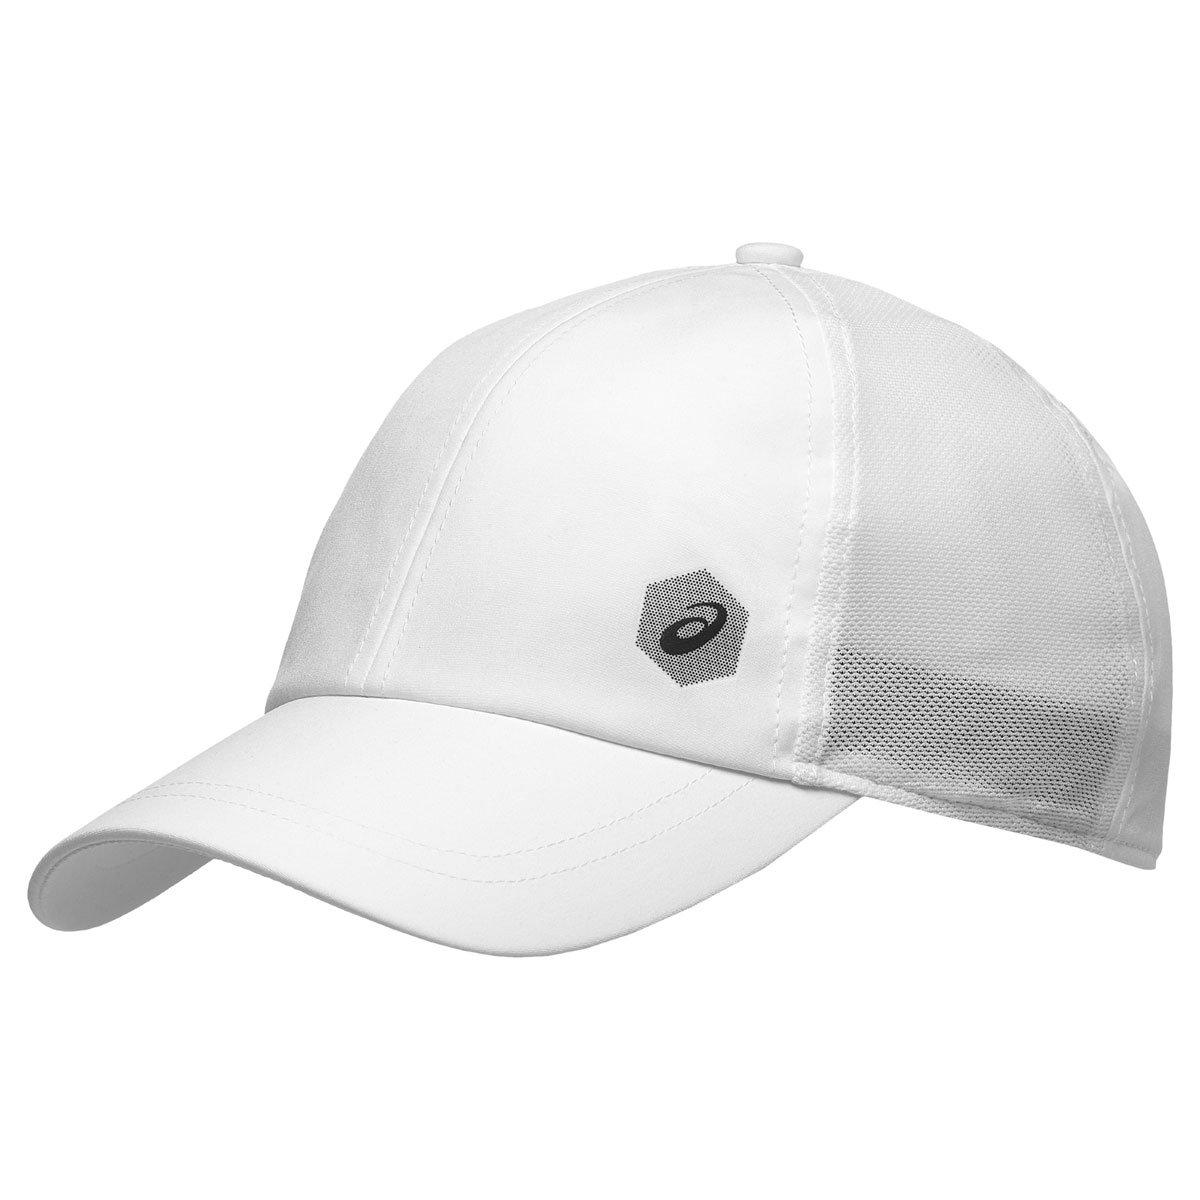 Asics Essential Gorra, Unisex, Brilliant White, Talla Única